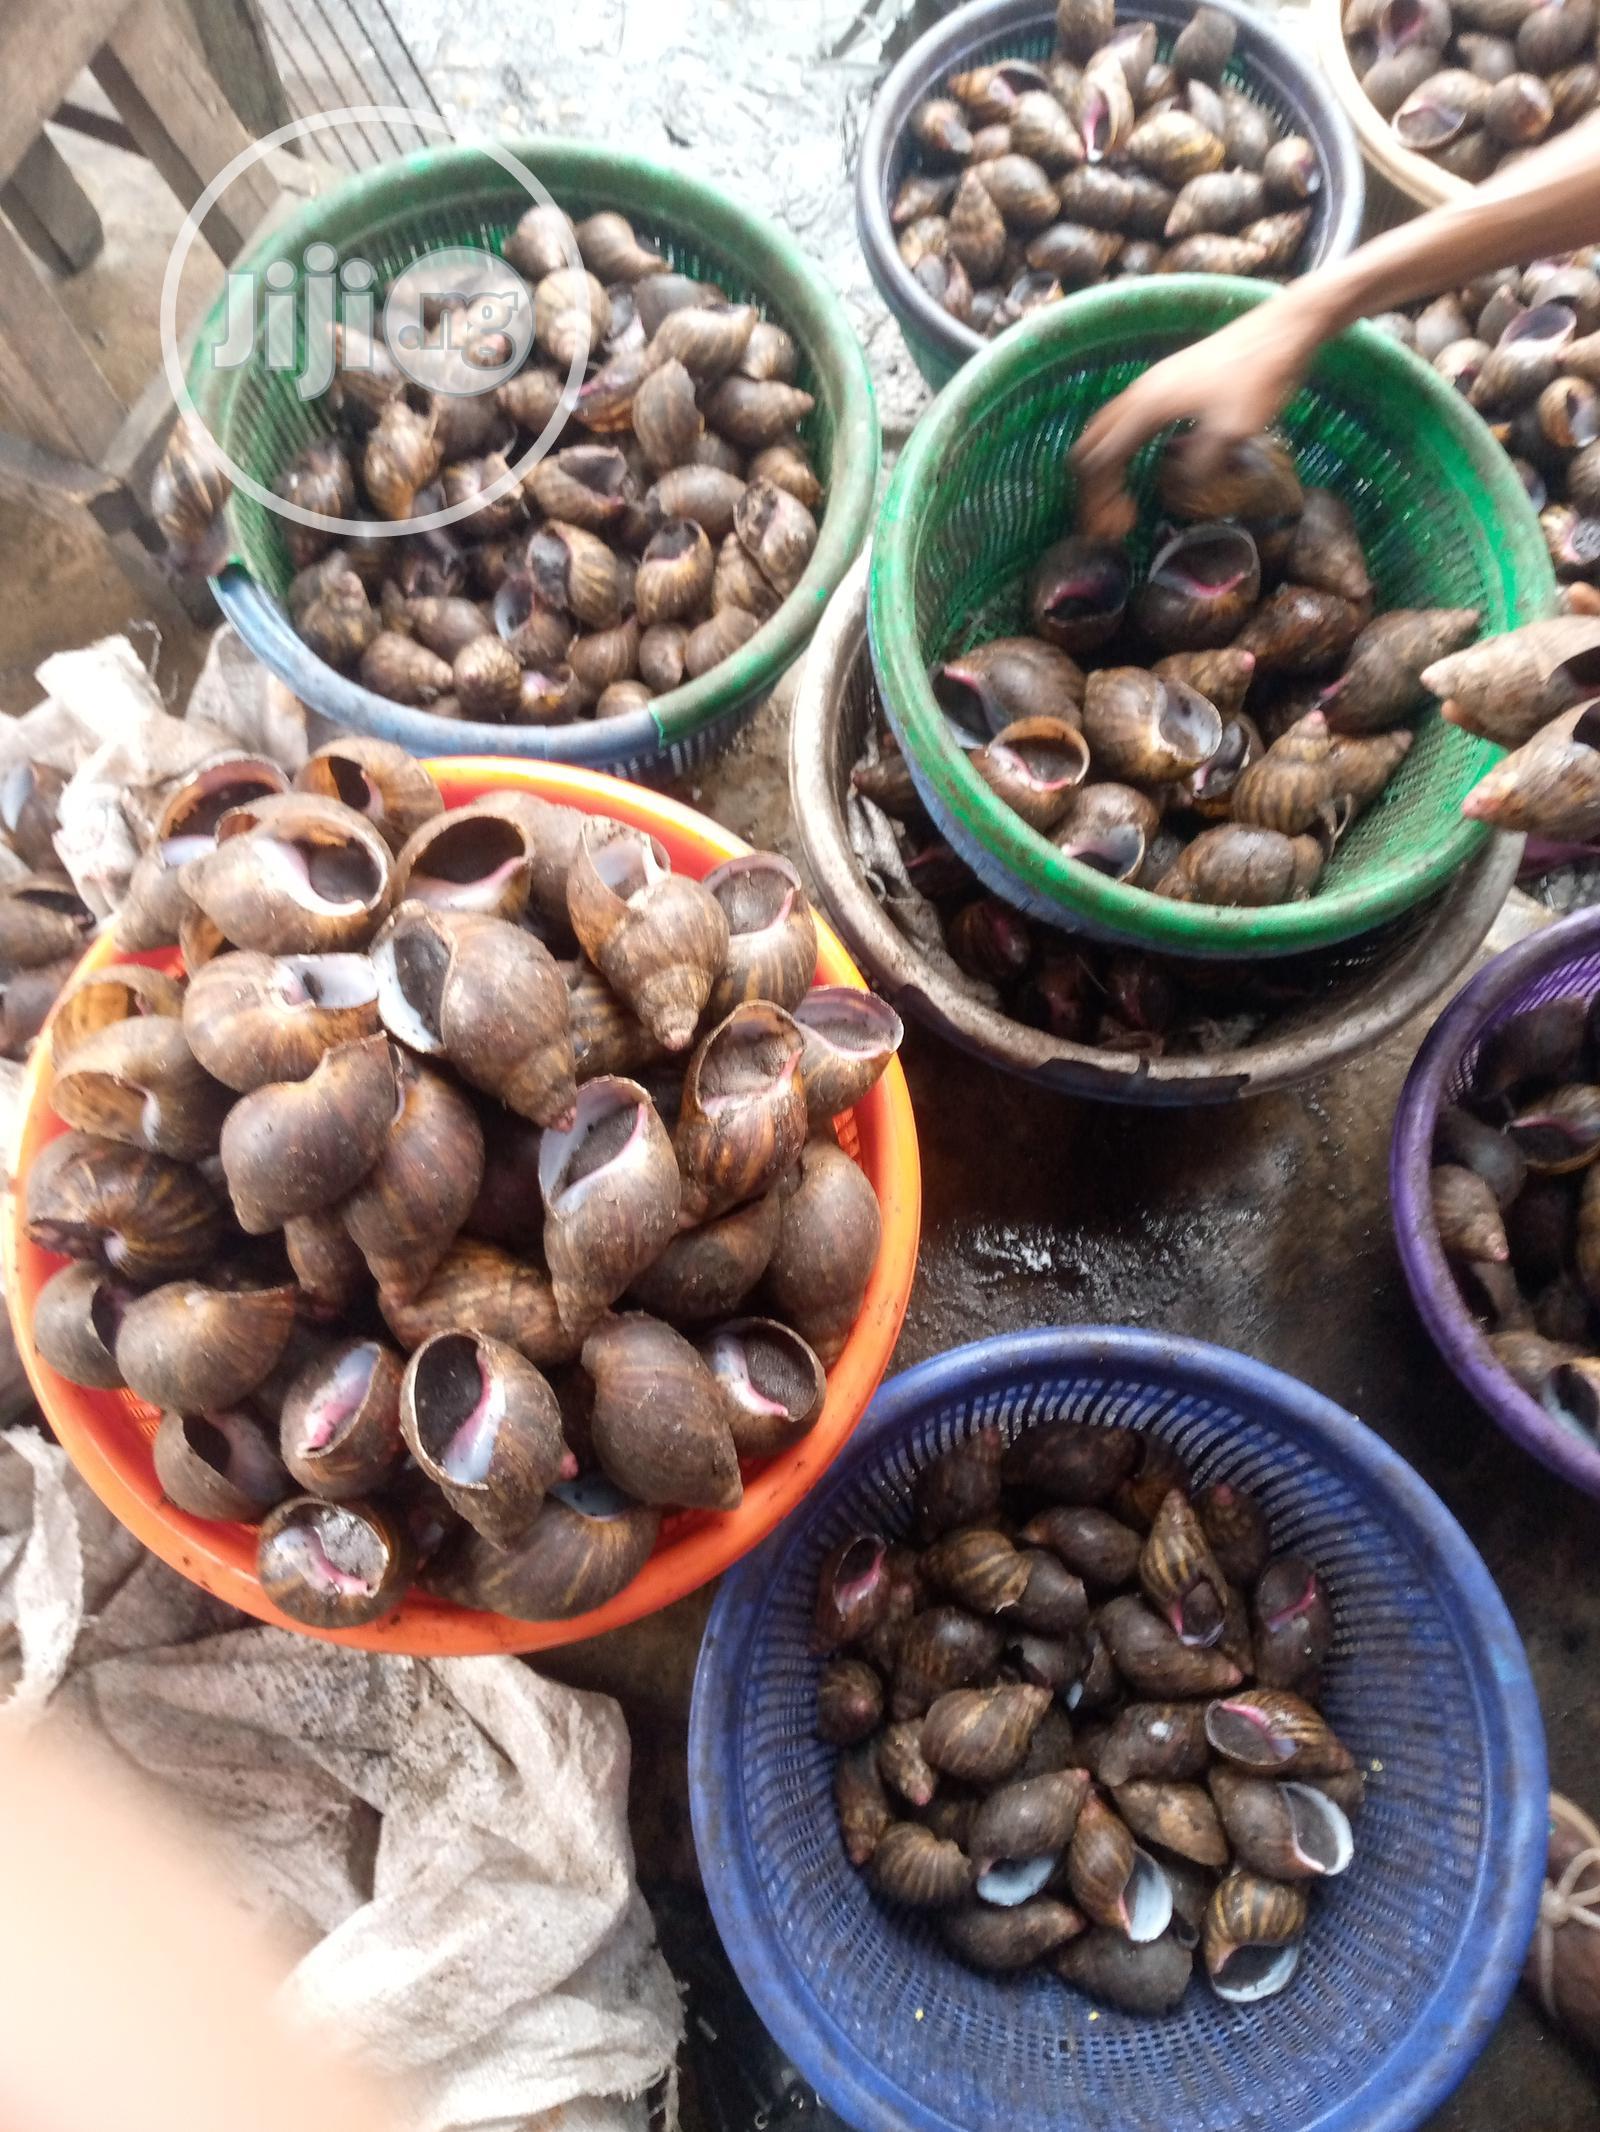 Snails Sales